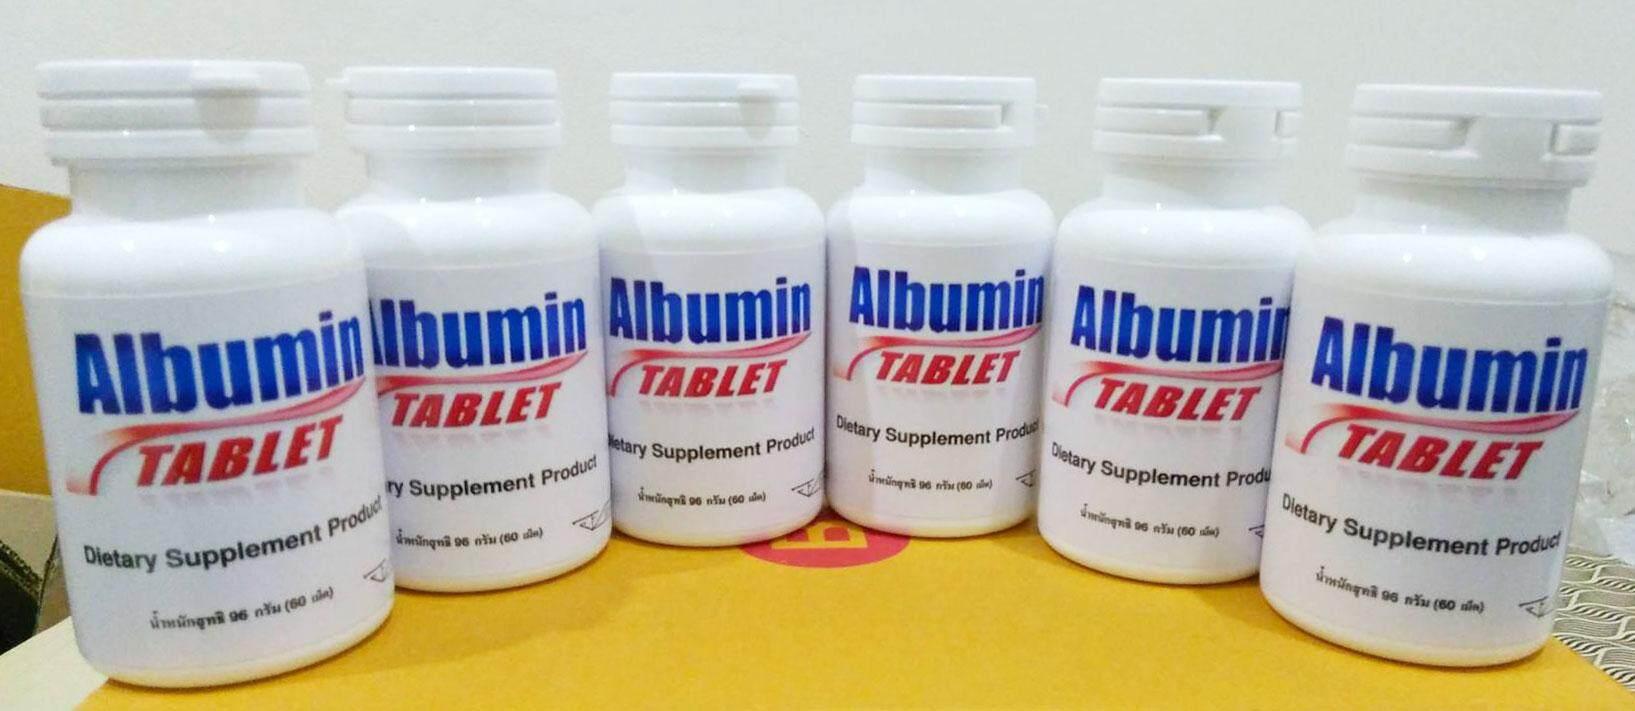 โปรตีนไข่ขาวอัดเม็ด Albumin Plus 6 กระปุก ราคาพิเศษ.